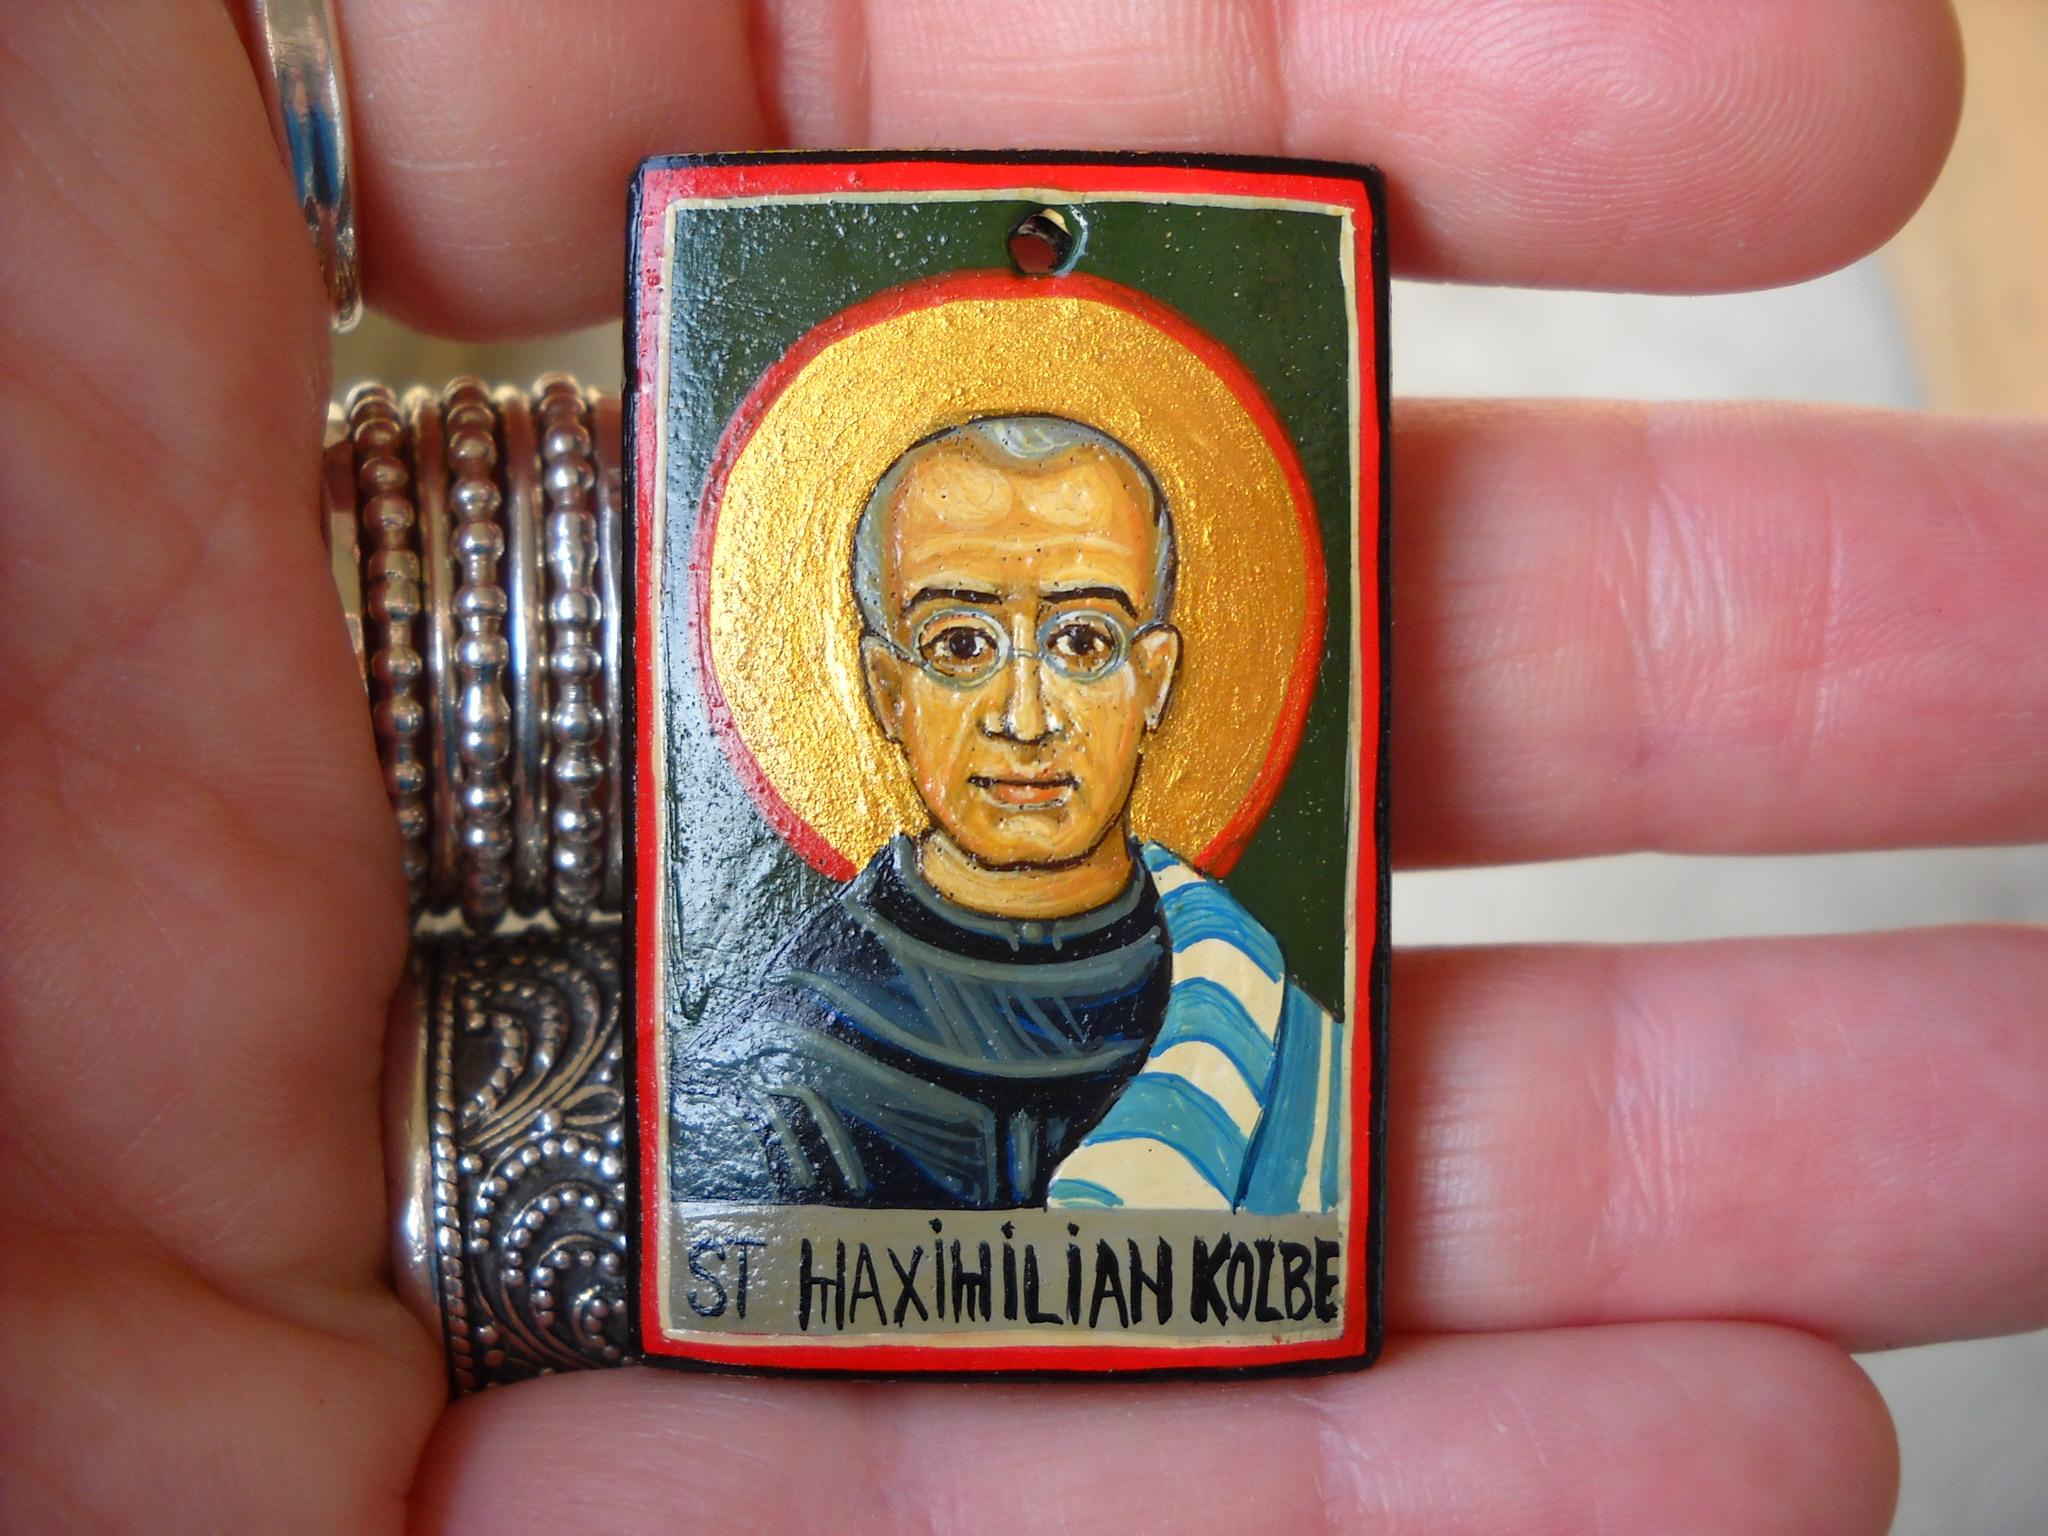 Saint Maximilian Kolbe- Catholic Miniature icon- Roman Catholic Saint  Addiction Recovery Necklace  Drug Addicts, Prisoners  Catholic Jewelry from  Hand